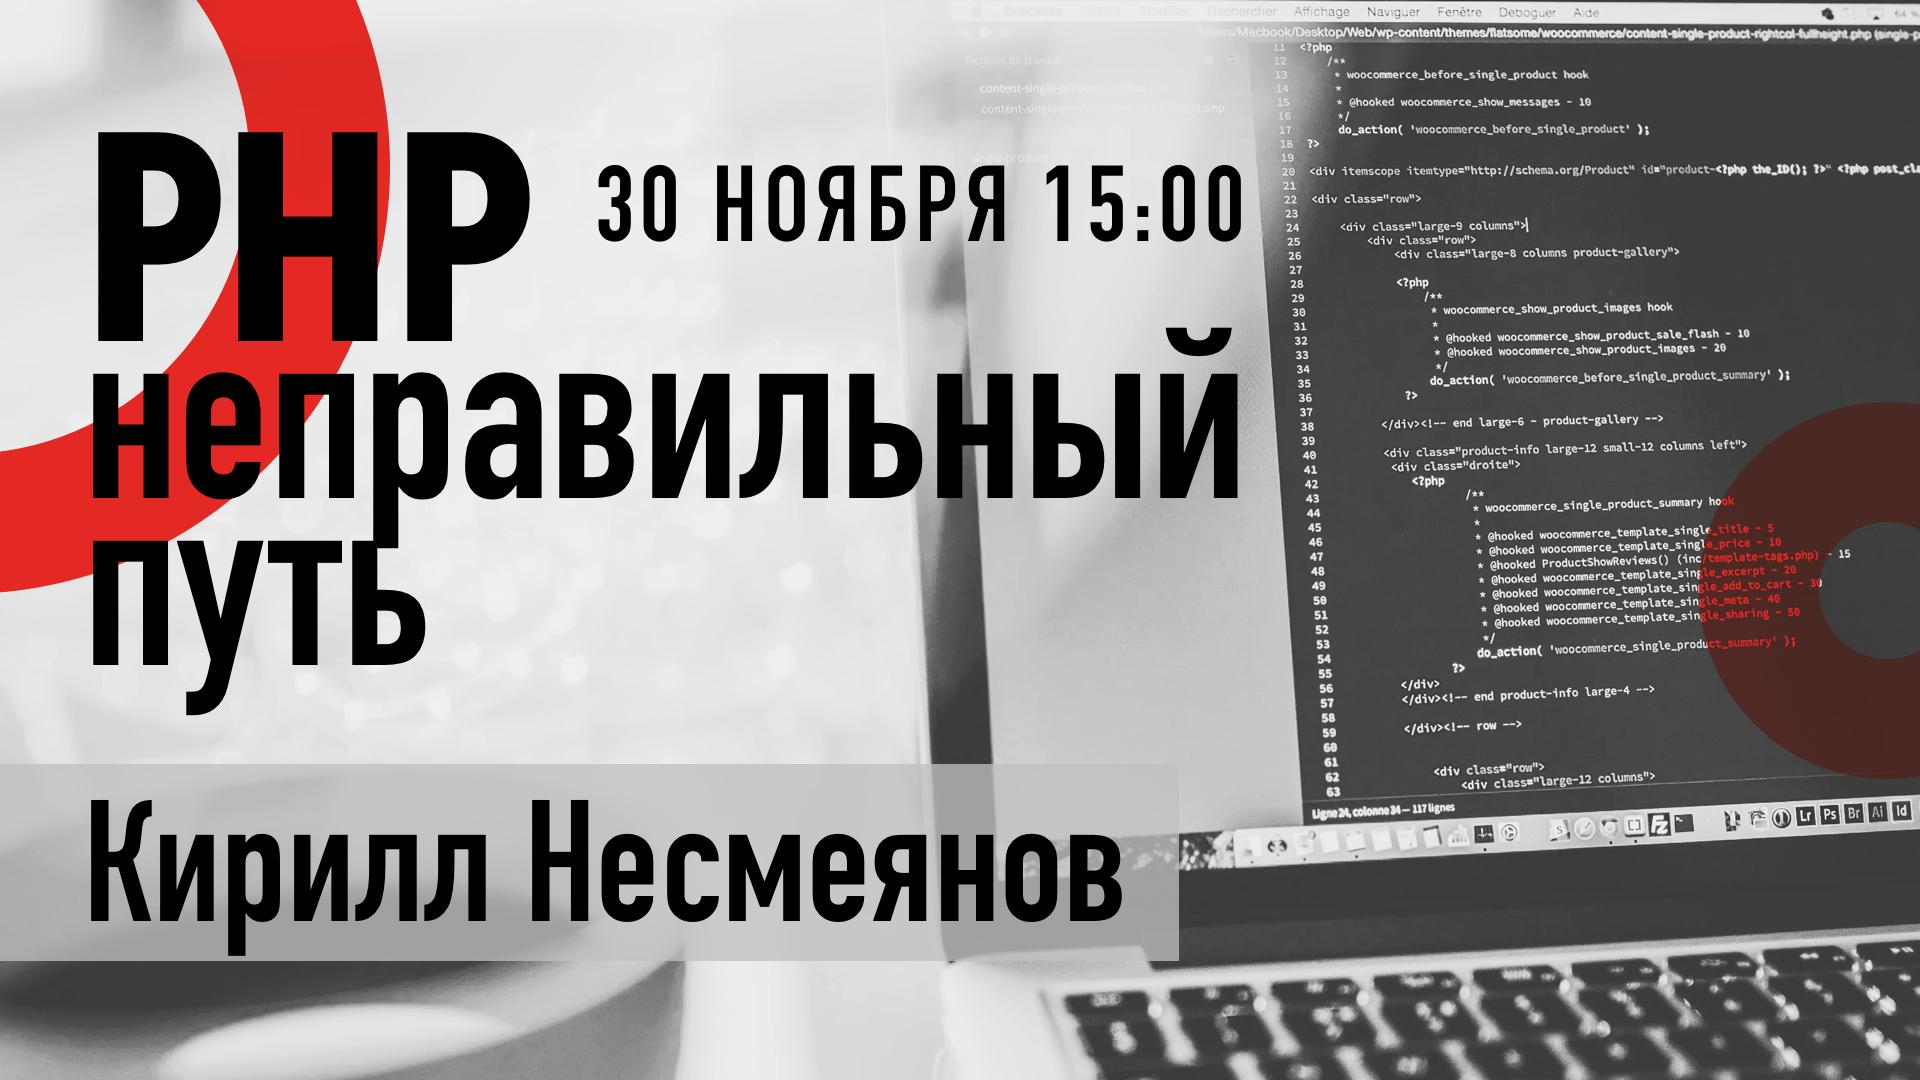 Митап по PHP в Иванове - 1